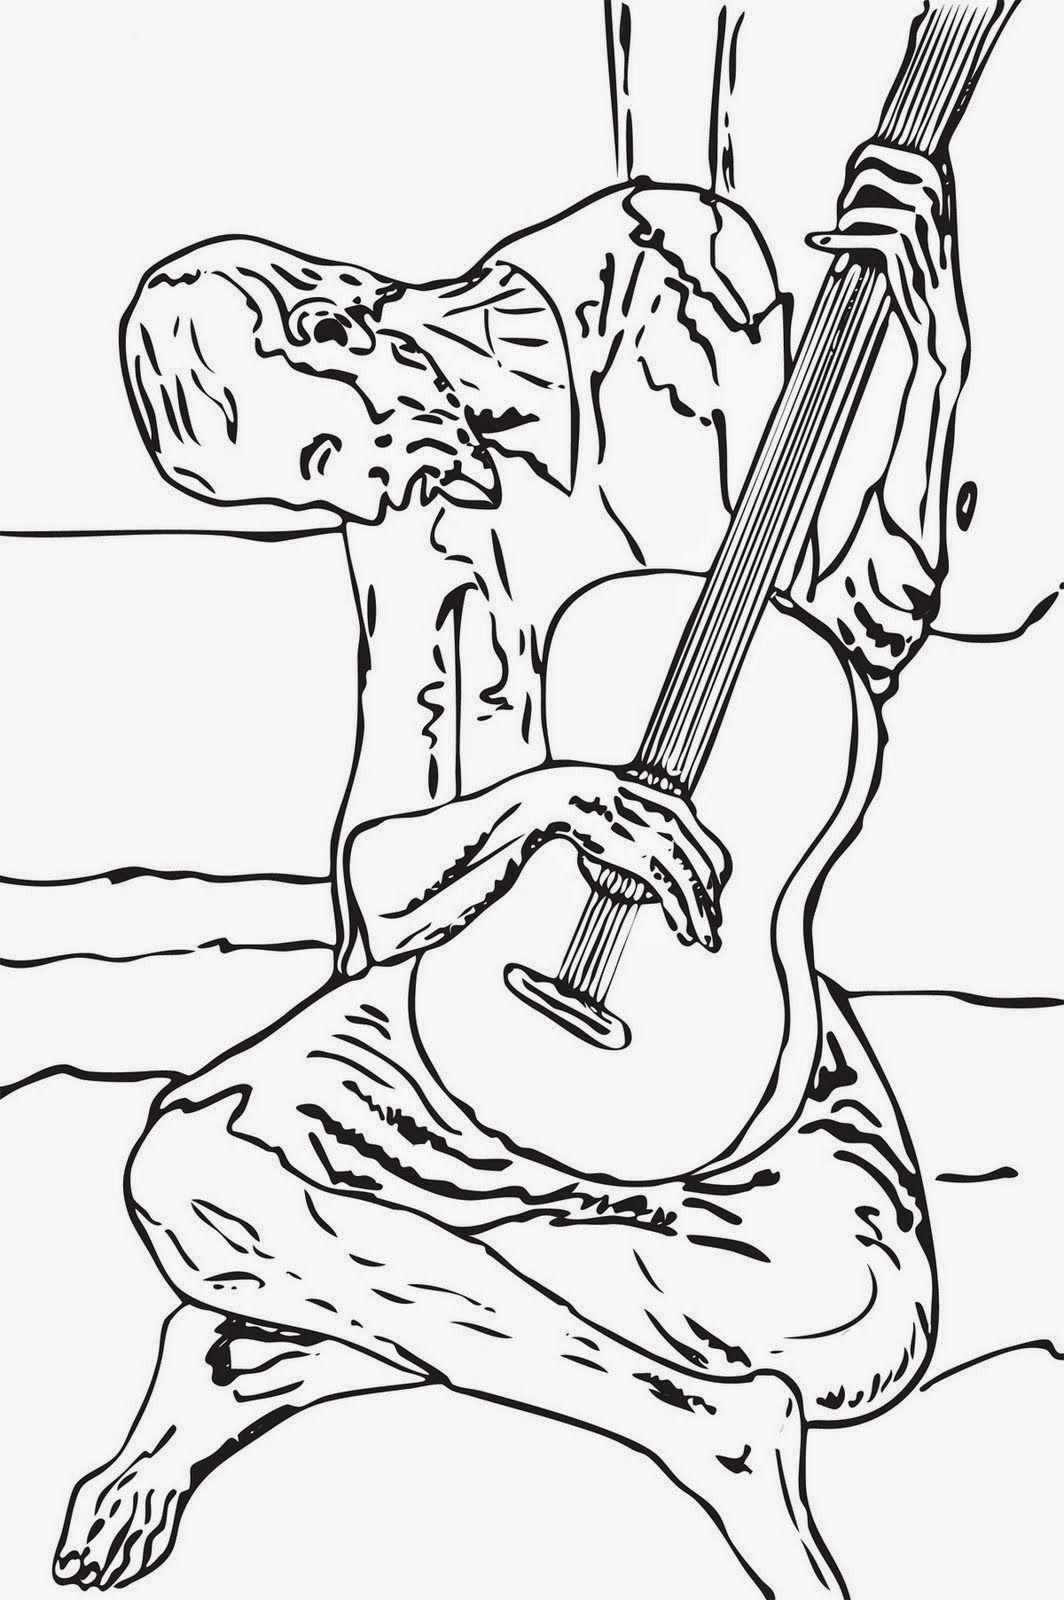 El guitarrista - Picasso | Projecte el Retrat i PICASSO | Pinterest ...